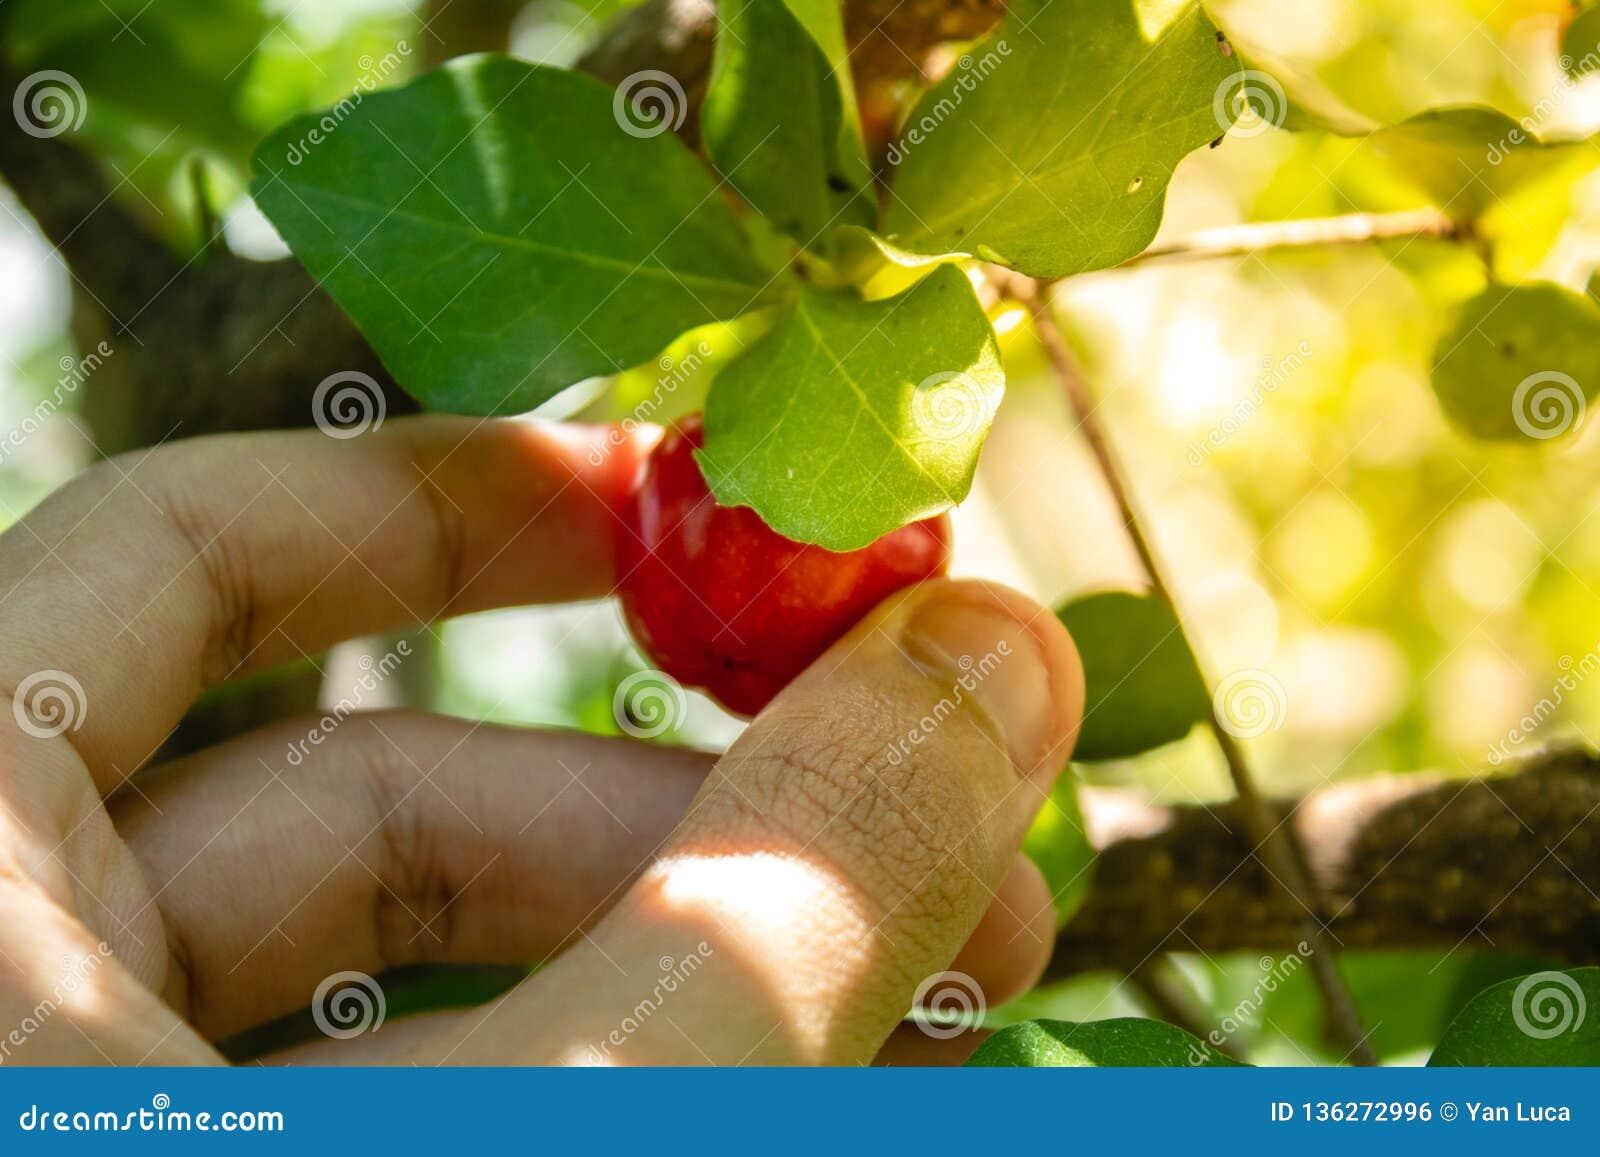 Fim do Acerola acima da cereja de /Acerola - fruto pequeno da cereja do Acerola na árvore A cereja do Acerola é a vitamina alta C